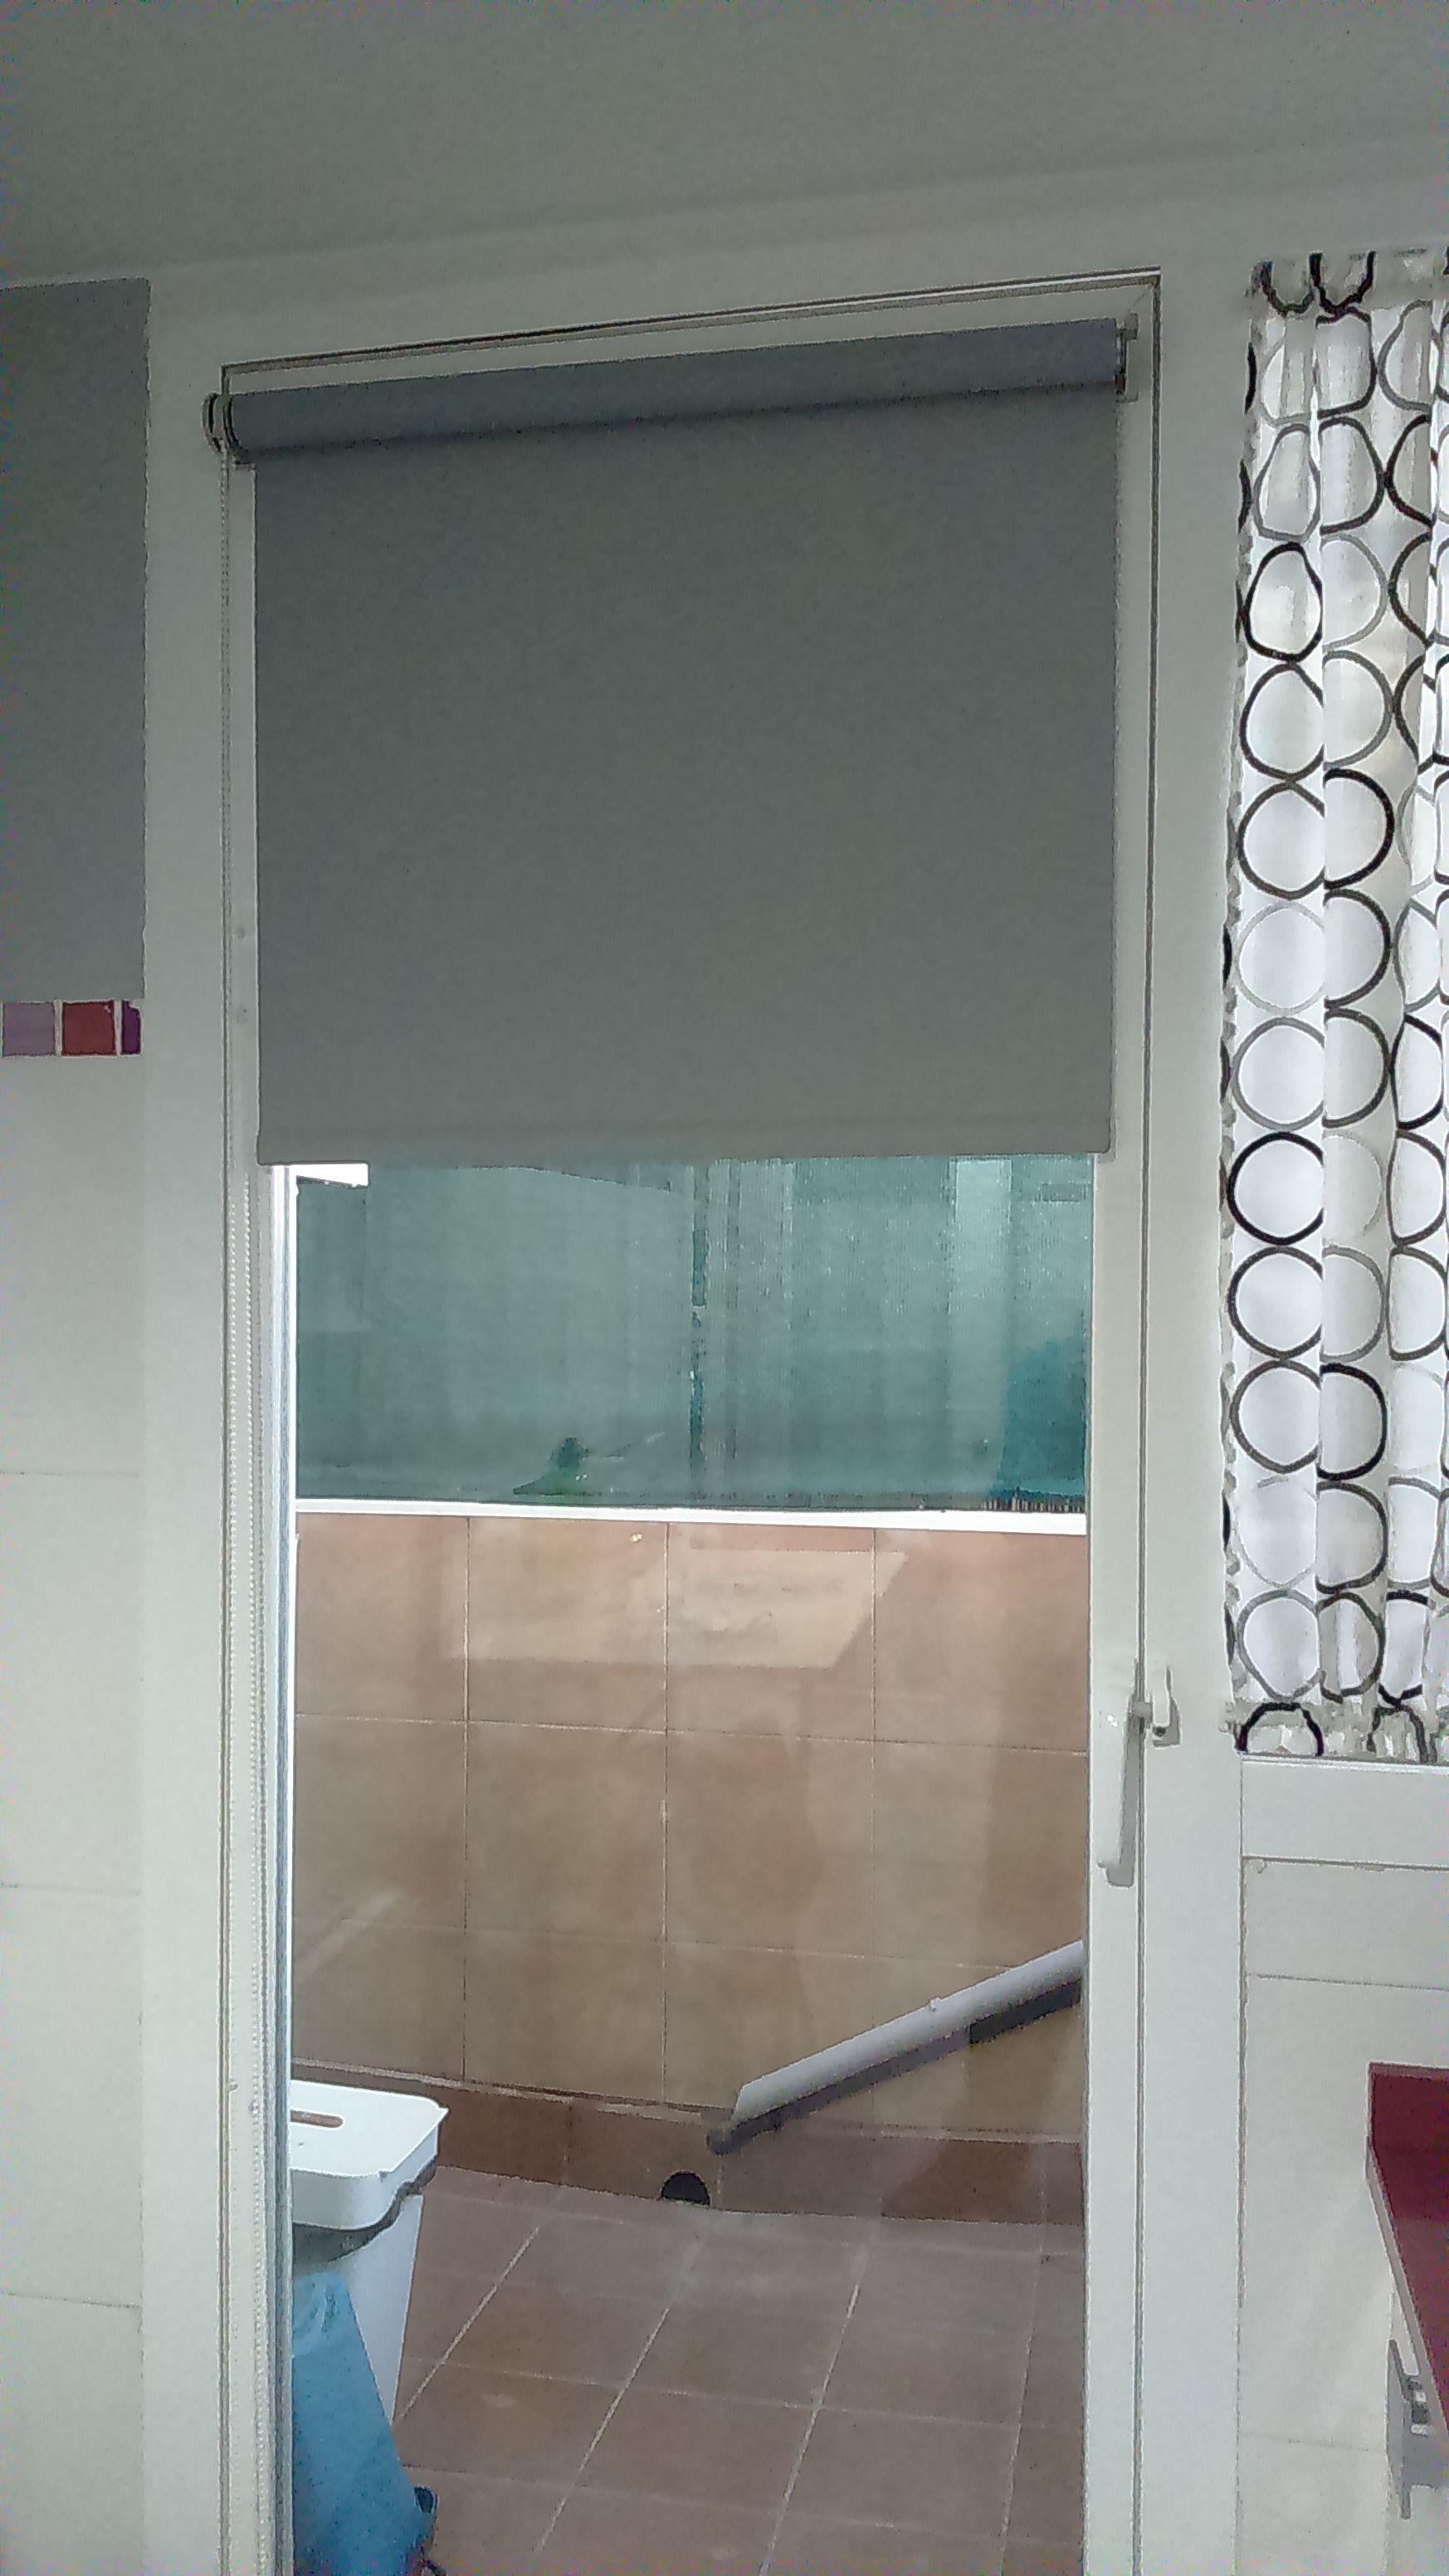 Cortinas Puerta Cocina | Estor Enrollable Aotrnillado A Hoja De Puerta Estores Enrollables